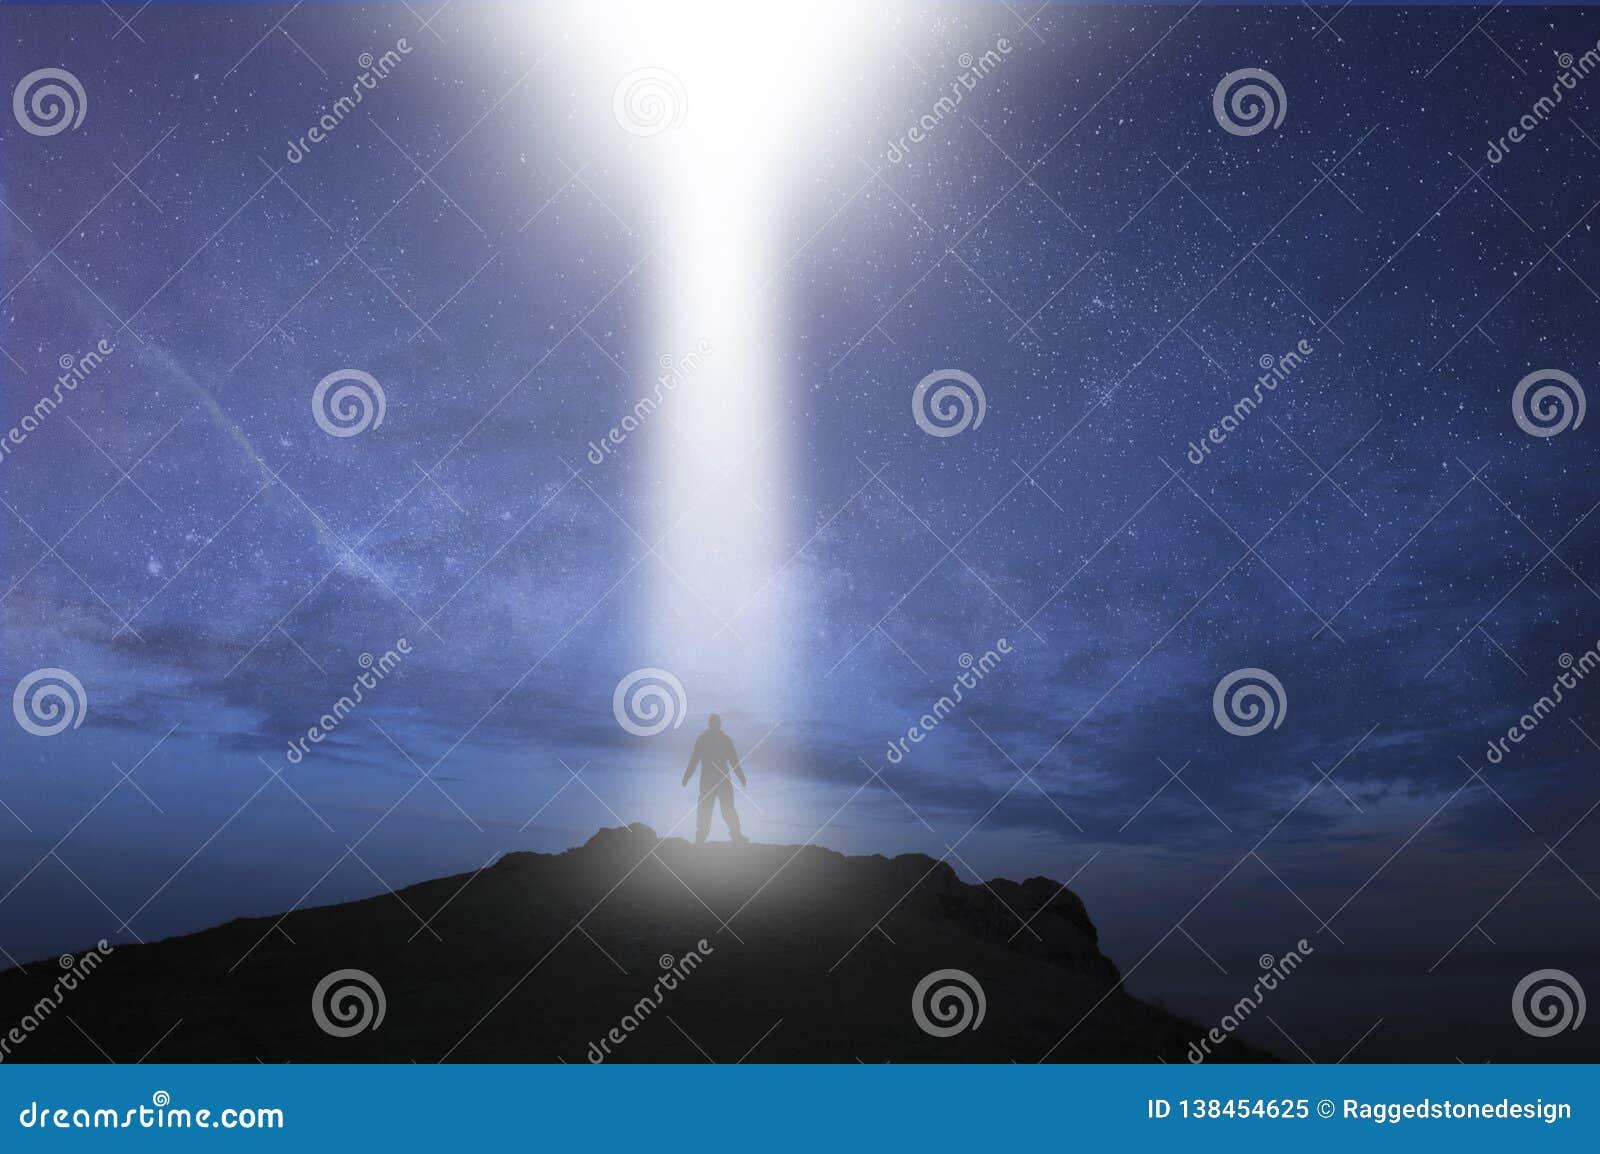 Mężczyzna sylwetkowy, pozycja na górze wzgórza z UFO lekkiego promienia nadchodzącym puszkiem przy nocą